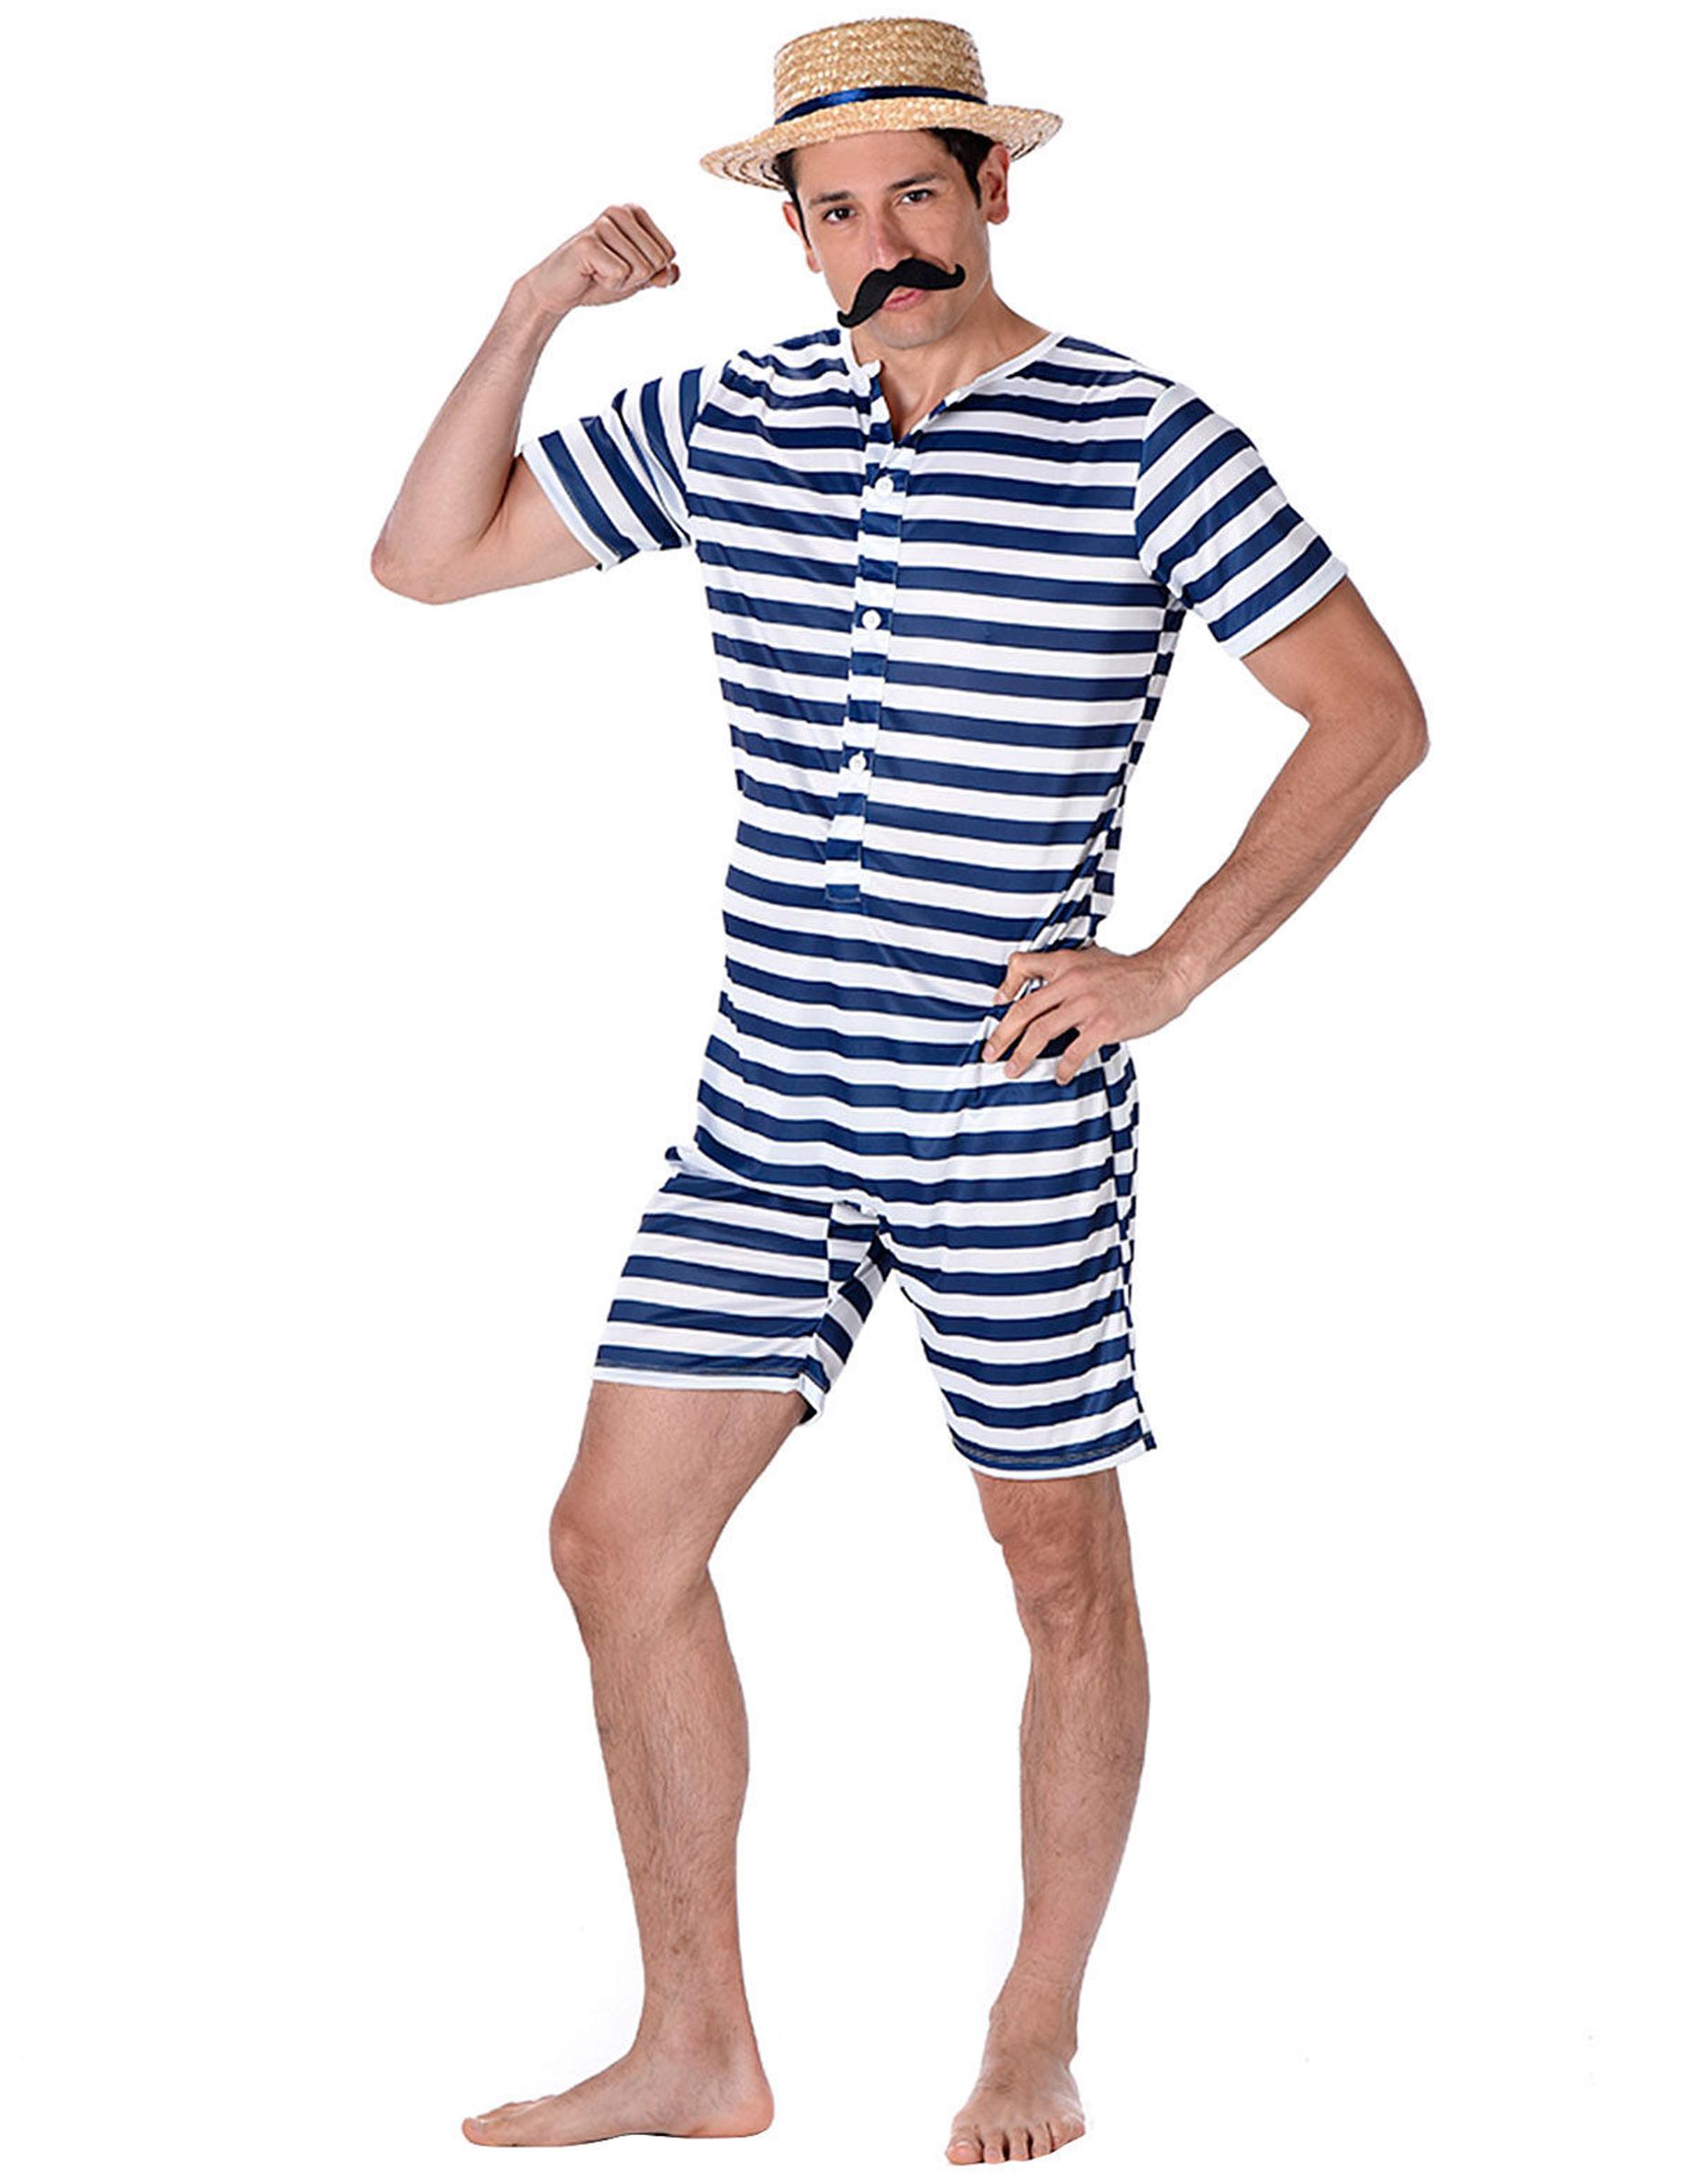 Badeanzug Retro Blau Und Weiß Für Herren Kostüme Für Erwachseneund